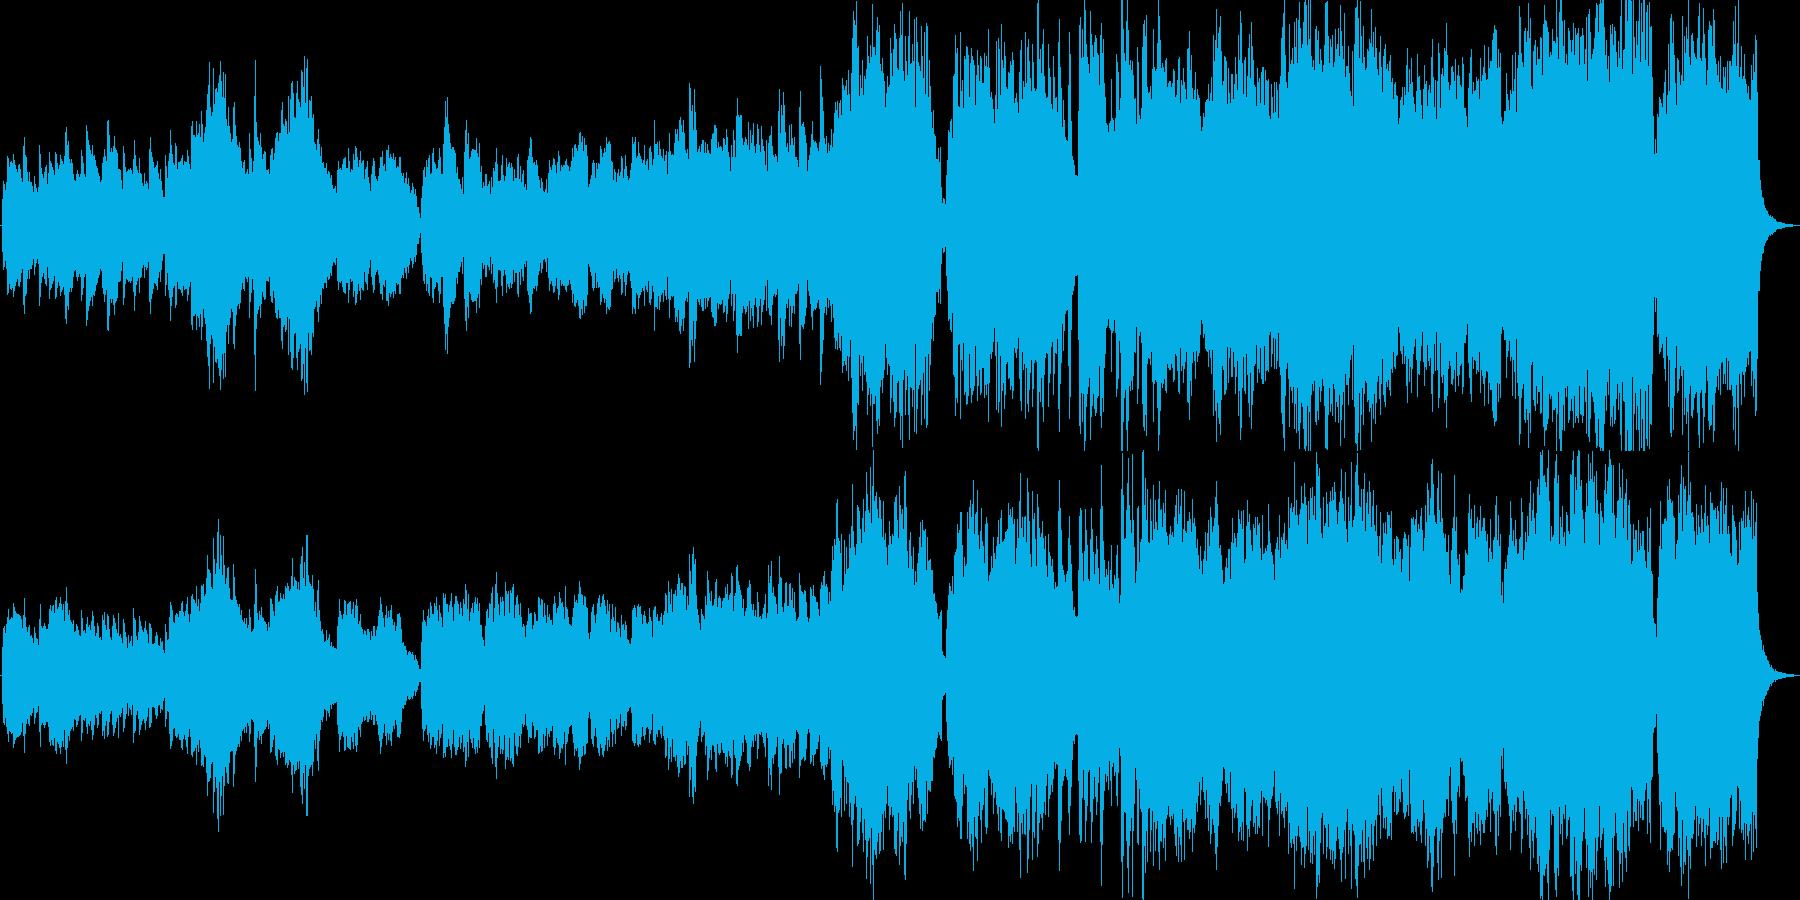 暖かなオーケストラ曲の再生済みの波形